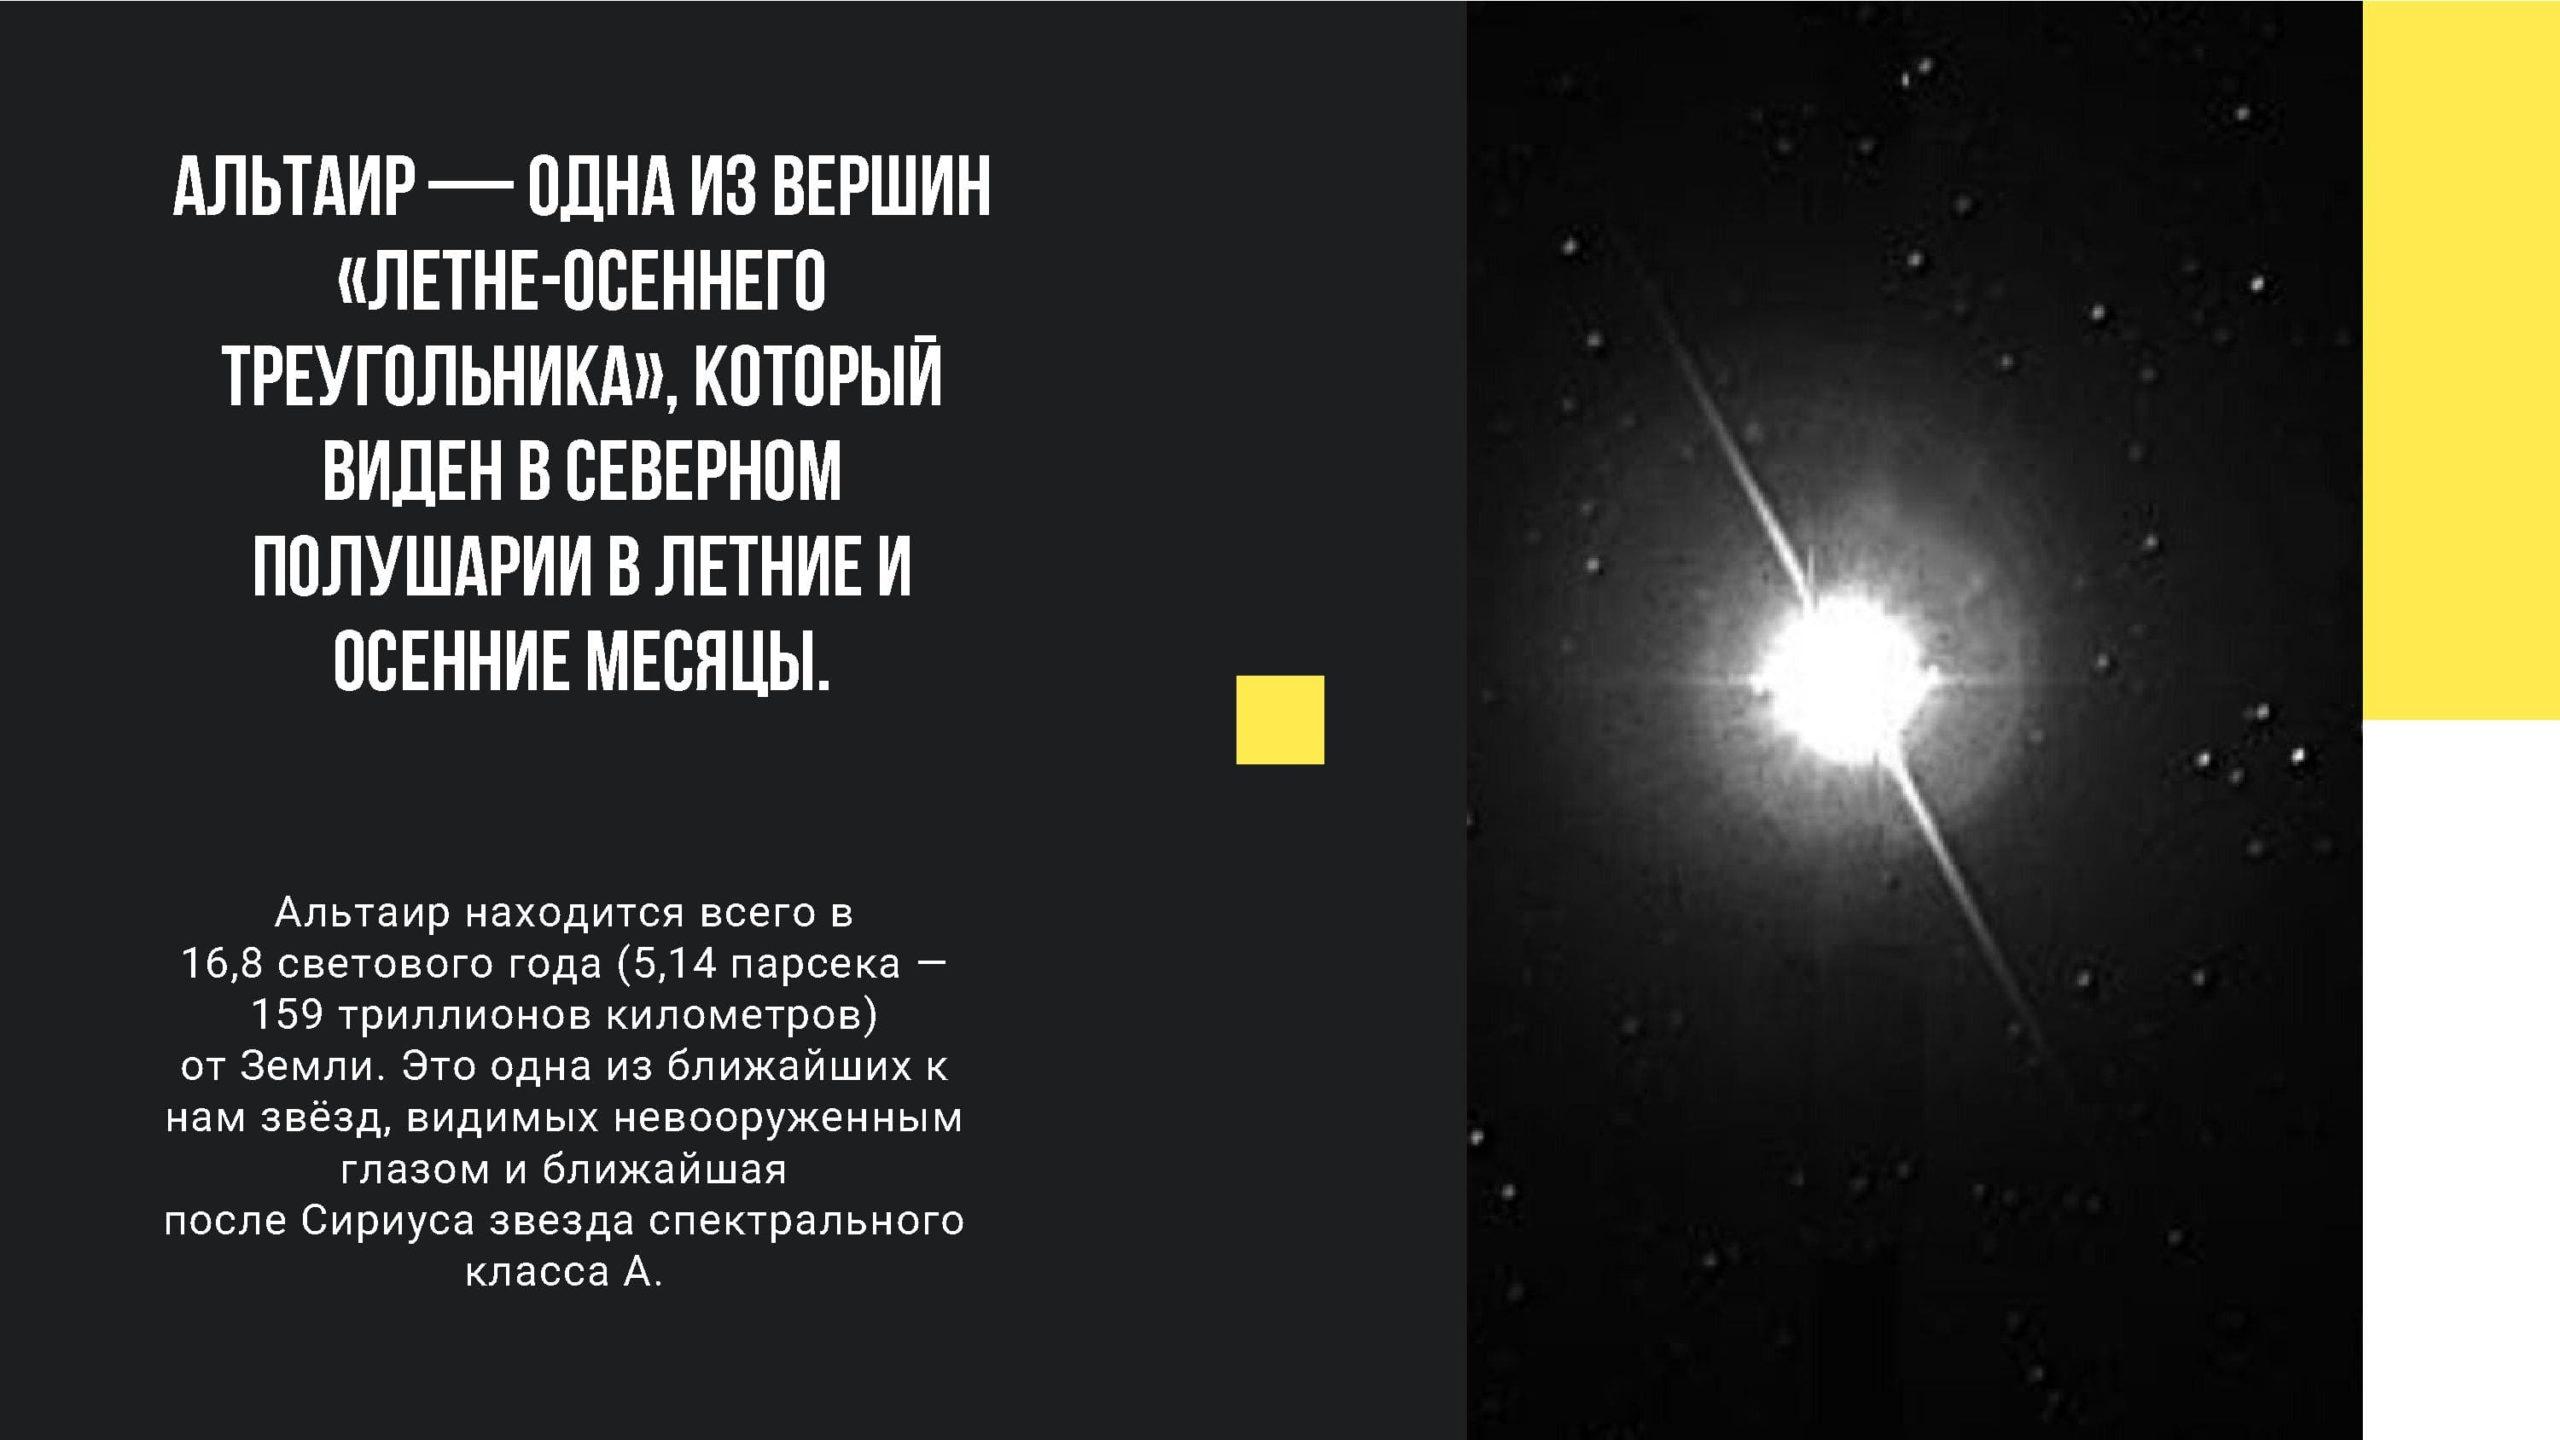 """Альтаир - одна из вершин """"летне-осеннего треугольника"""""""